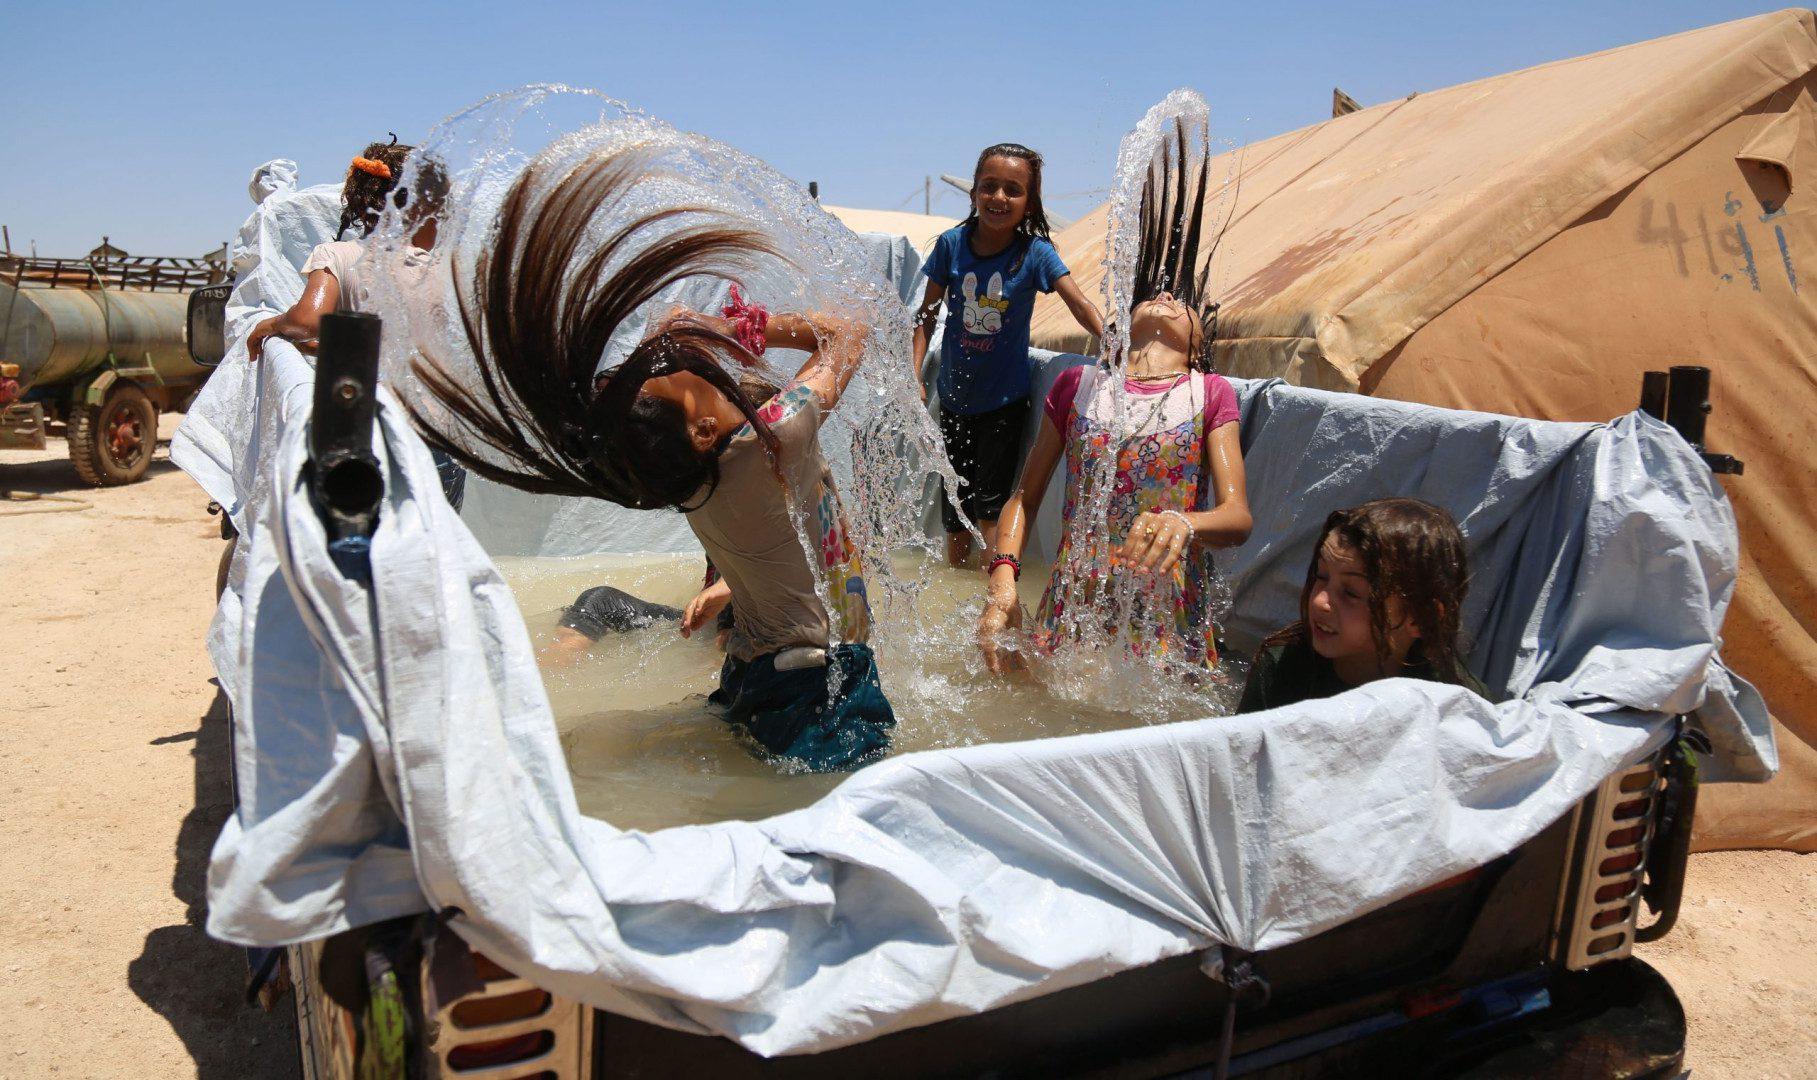 فتيات يلعبن بالمياه داخل صندوق سيارة بيك أب تم جعله أشبه بمسبح مصغر، لتمكين الأطفال من التعامل مع ارتفاع درجات الحرارة في مخيم خير الشام شمال بلدة كللي بمحافظة إدلب شمال غرب سوريا، في 12/ 7/ 2021.